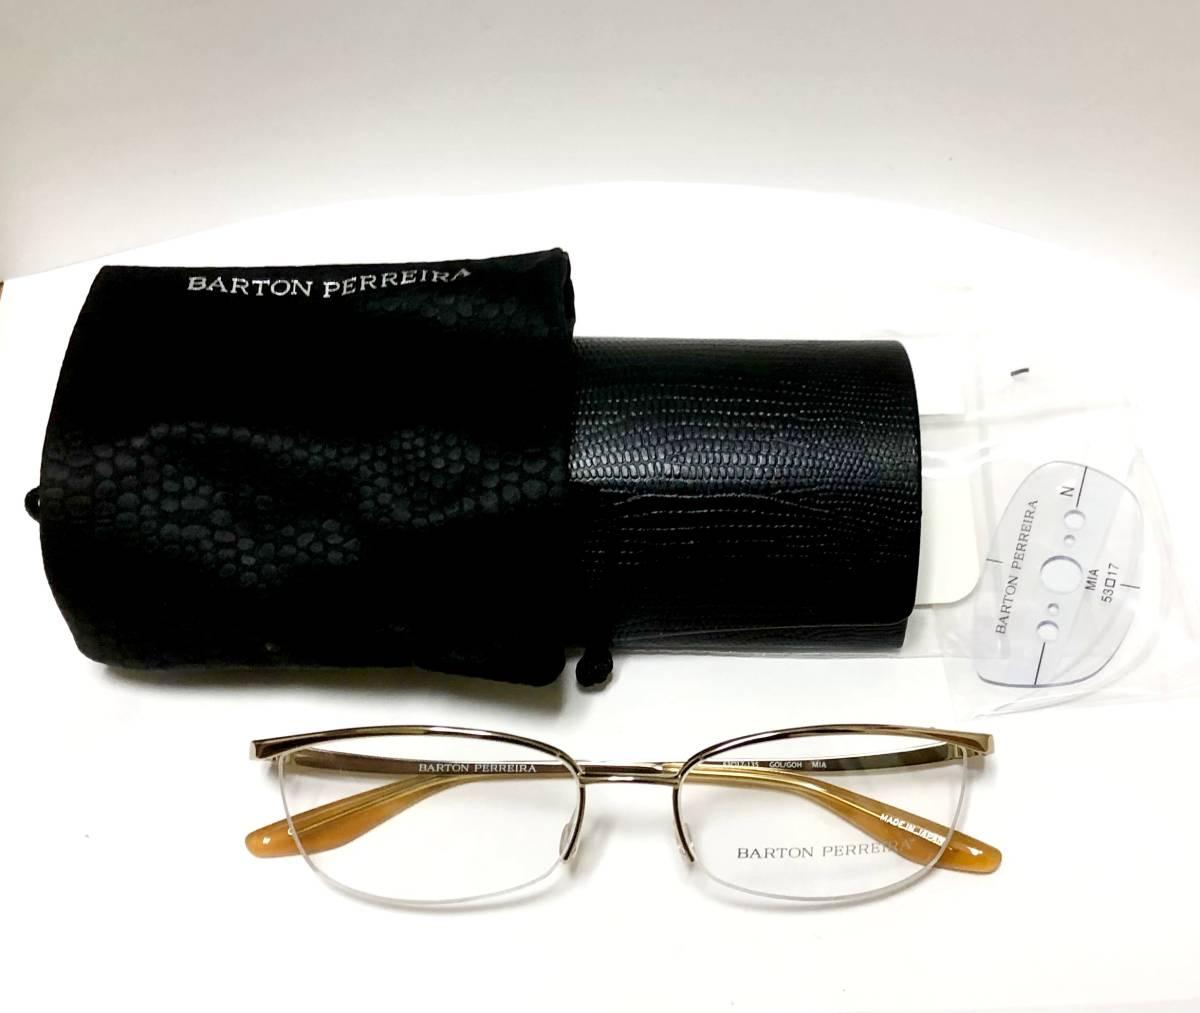 定価85800円 新品) 上流階級 バートンペレイラ ミア Barton Perreira 極上品 純正メガネ 付属品付き 金色 日本製 米国ブランド_画像9